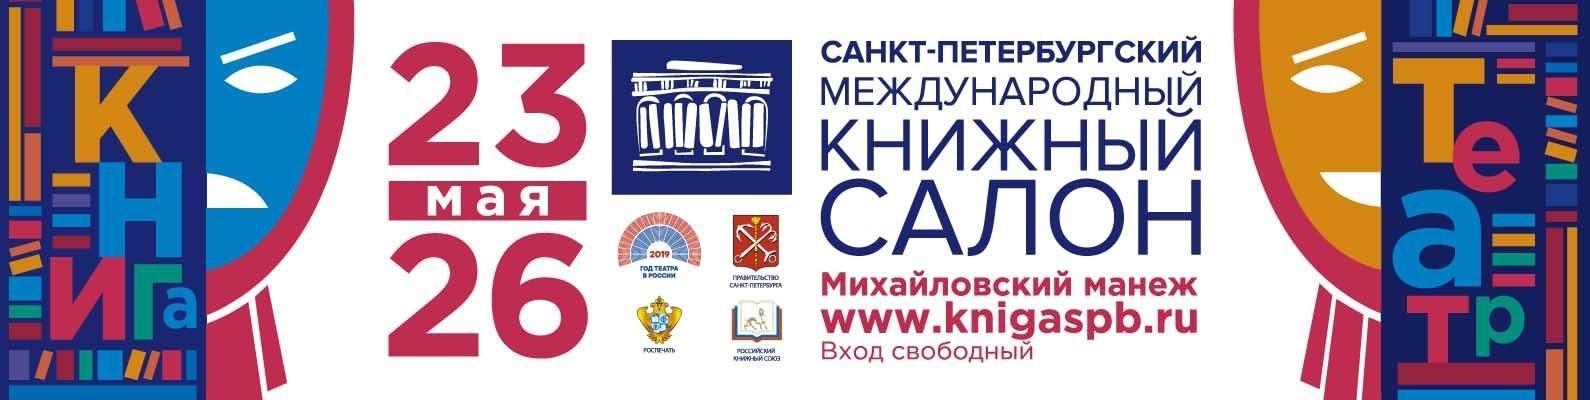 Картинки по запросу Санкт-Петербургский международный книжный салон 2019